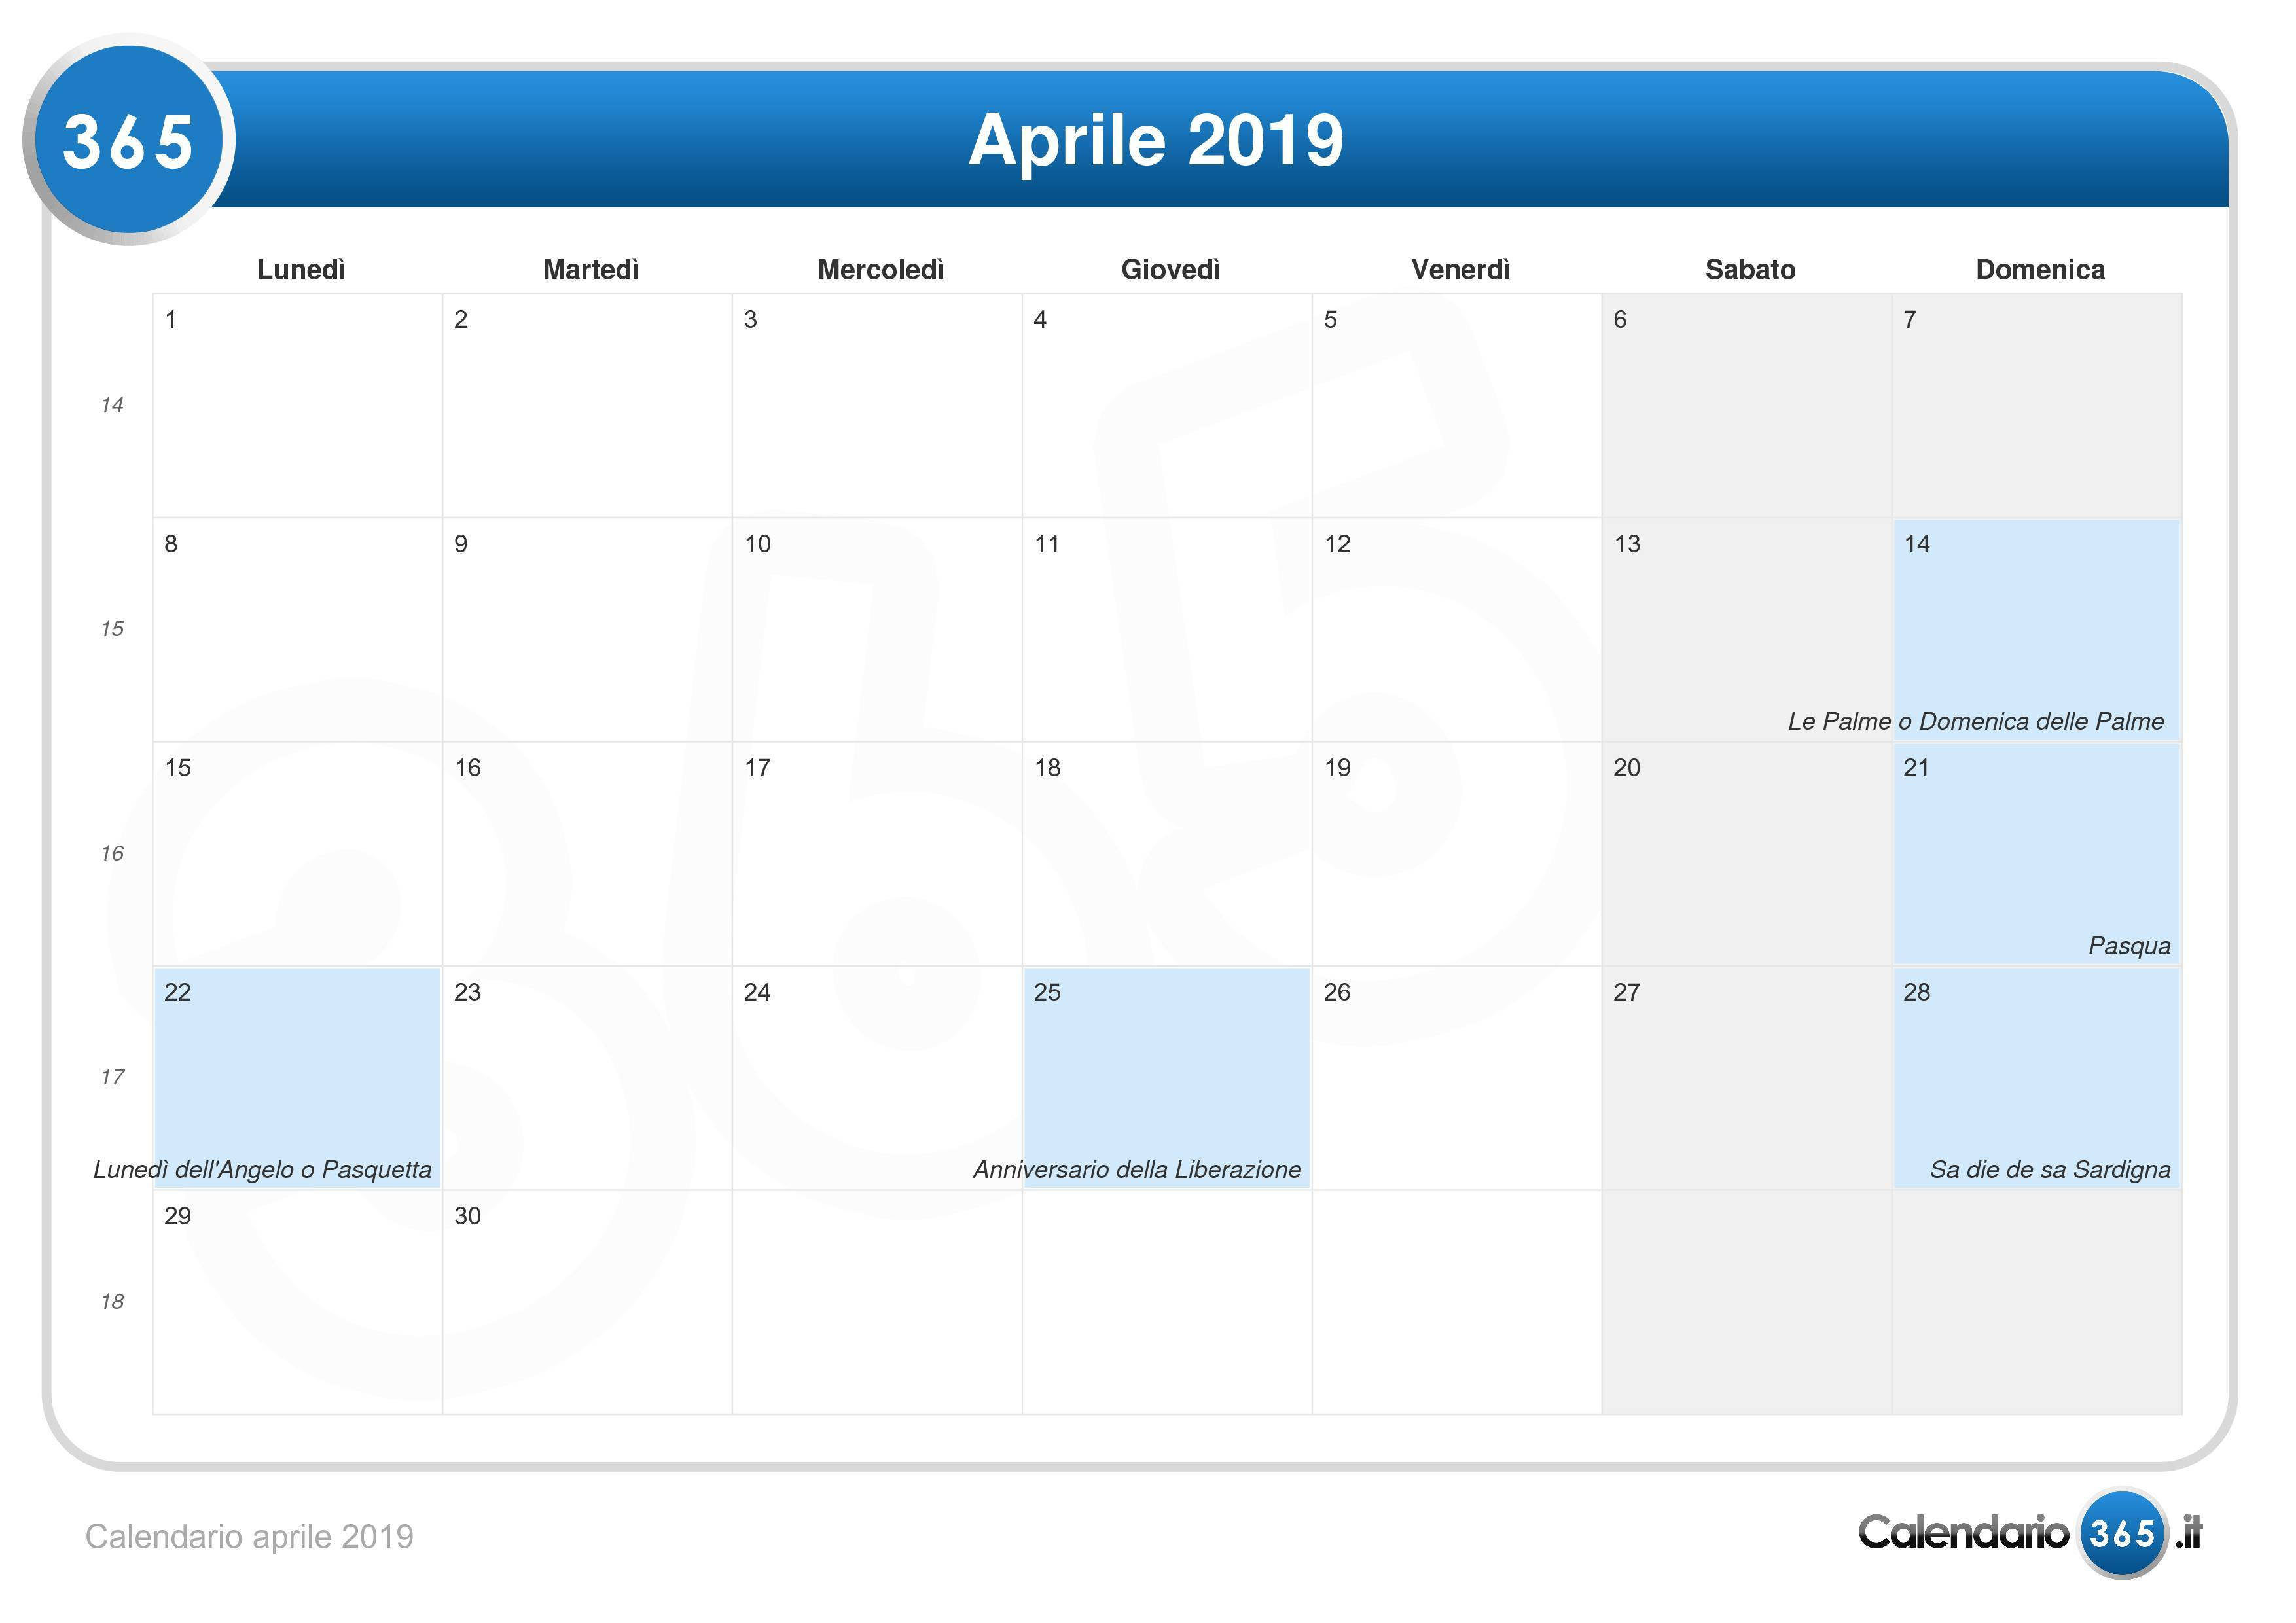 Calendario Con Festivita 2019.Calendario Aprile 2019